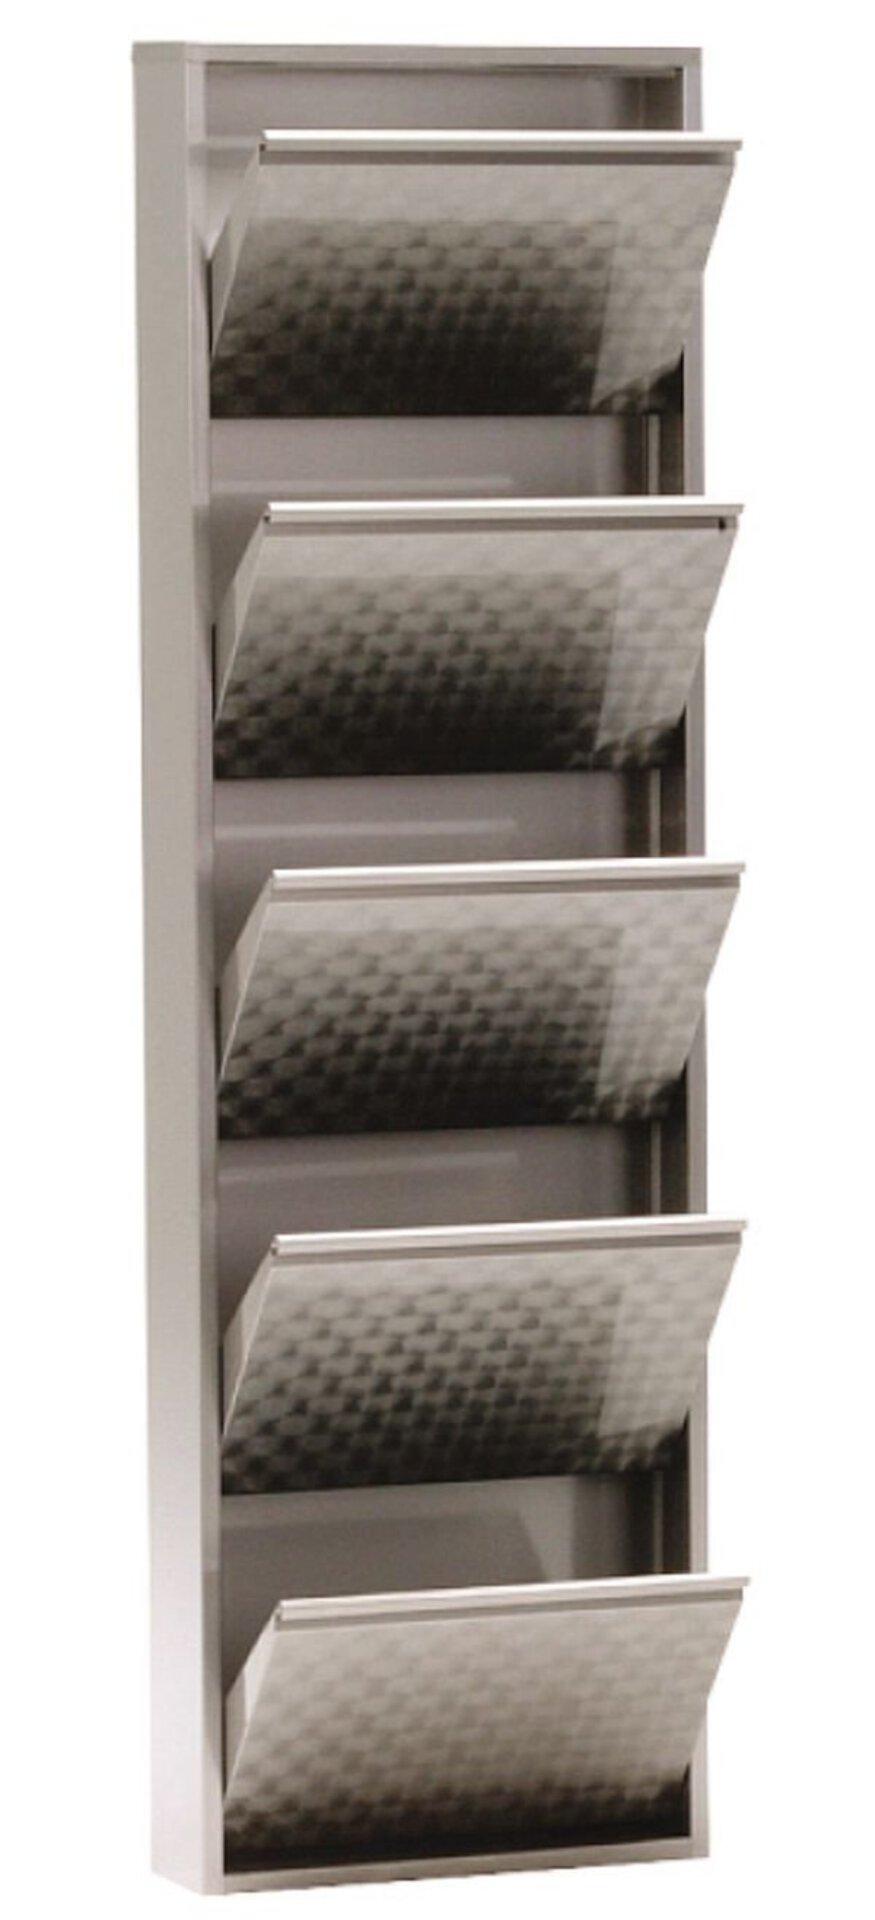 Schuhschrank clip.5 inbuy Holzwerkstoff silber 15 x 169 x 51 cm